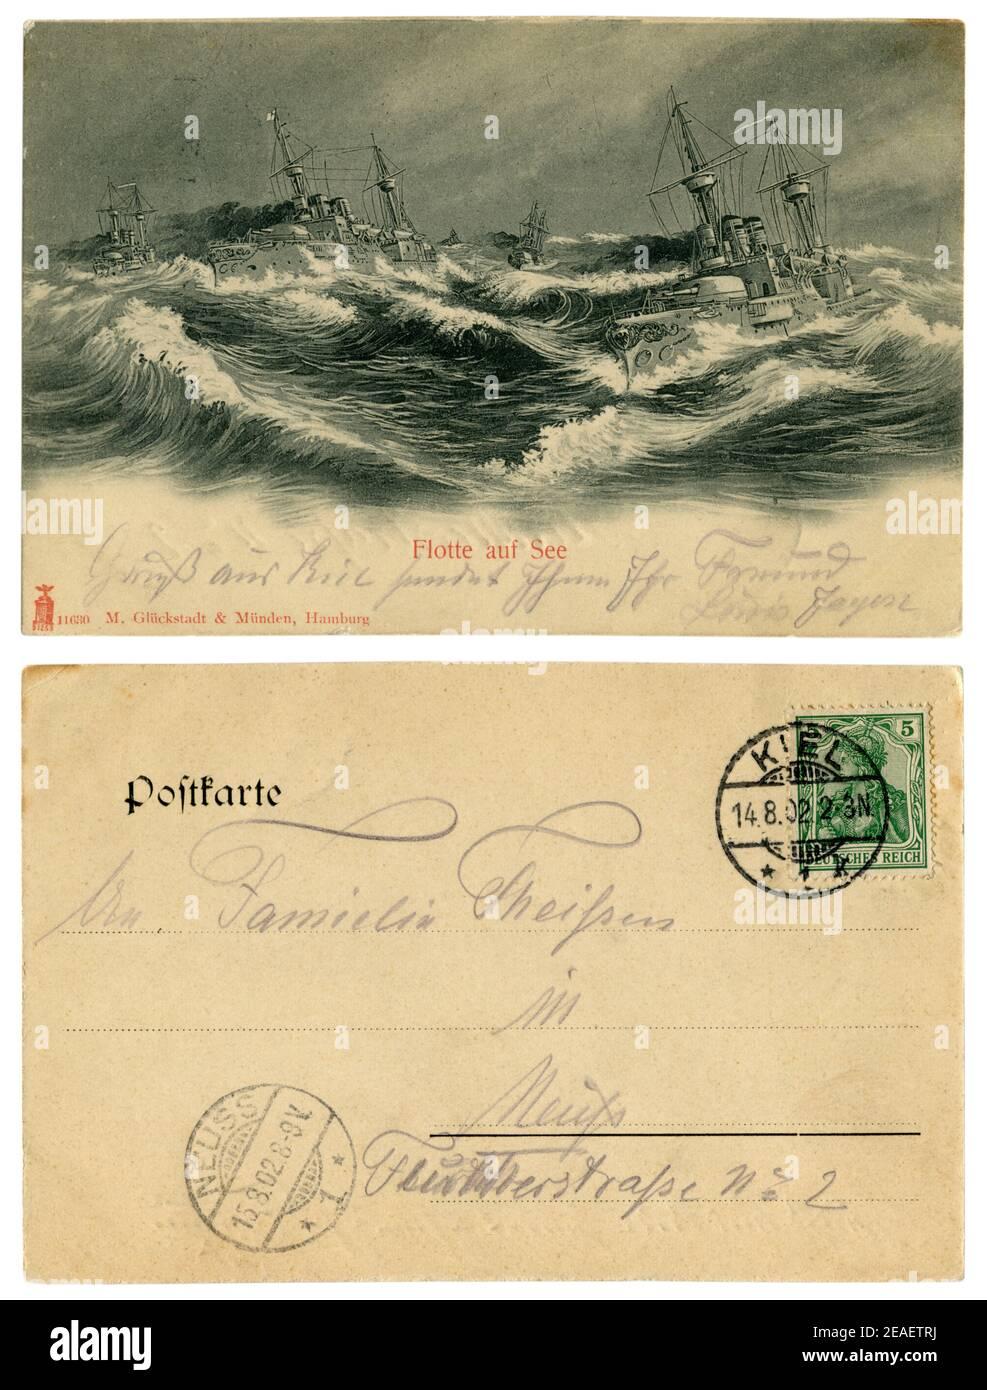 Carte postale historique allemande : navires de guerre de la Marine impériale allemande (kaisermarine) dans une mer agitée, signée en crayon violet, arrière, Allemagne, 1902 Banque D'Images